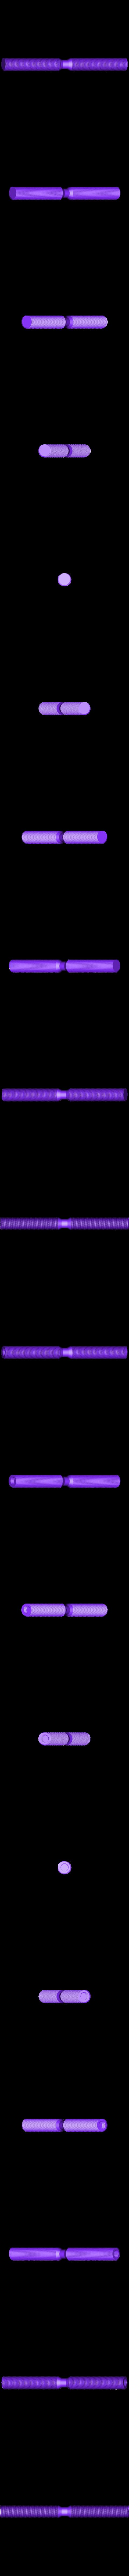 thread.stl Télécharger fichier STL gratuit Oldie Vice • Design pour impression 3D, AnsonB